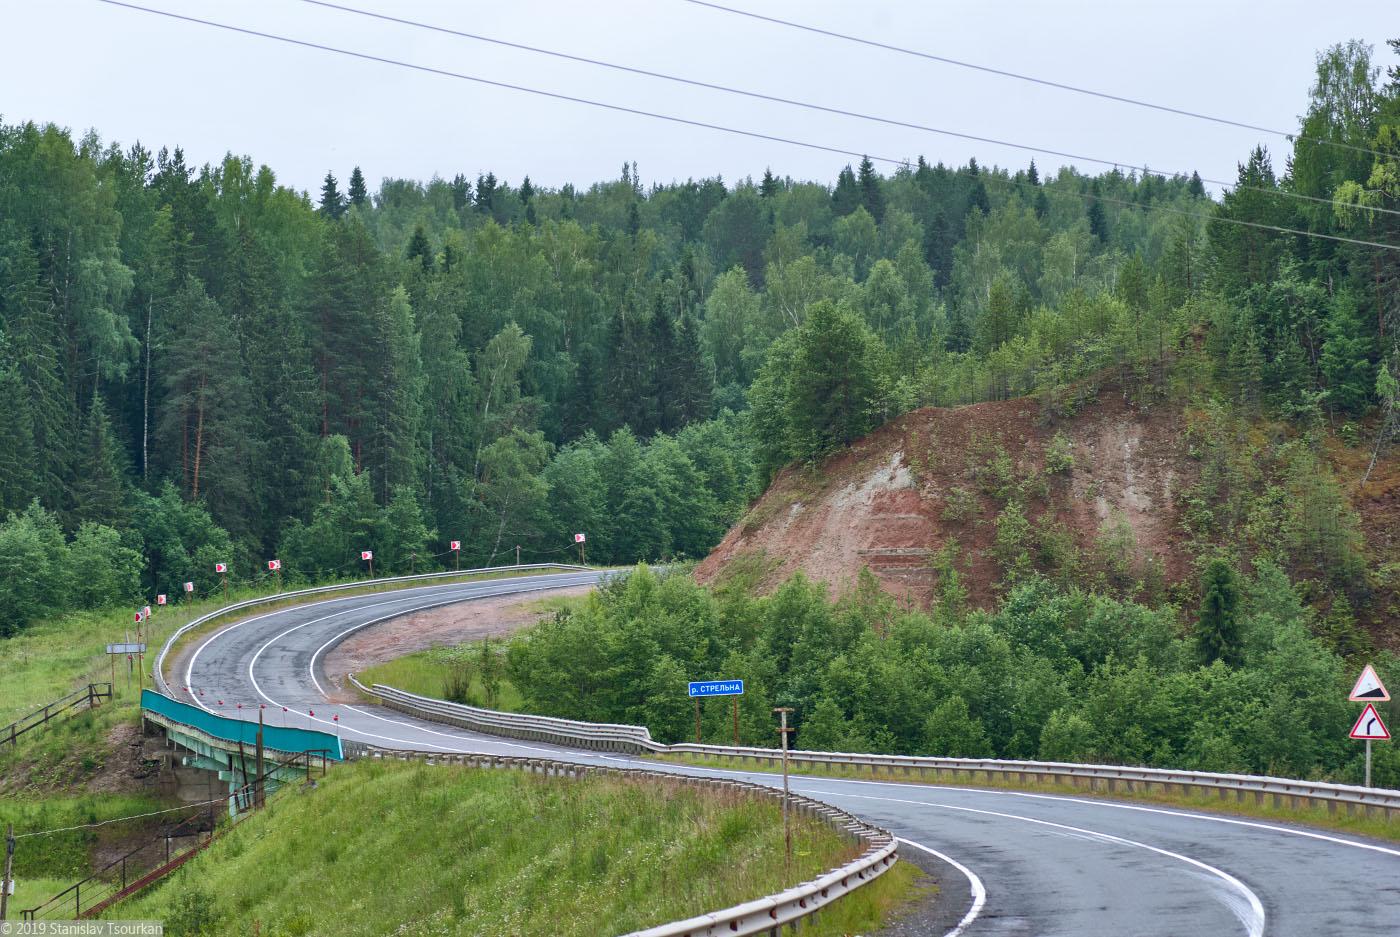 Вологодская область, Вологодчина, Великий Устюг, Русский север, дорога А-123, А-123